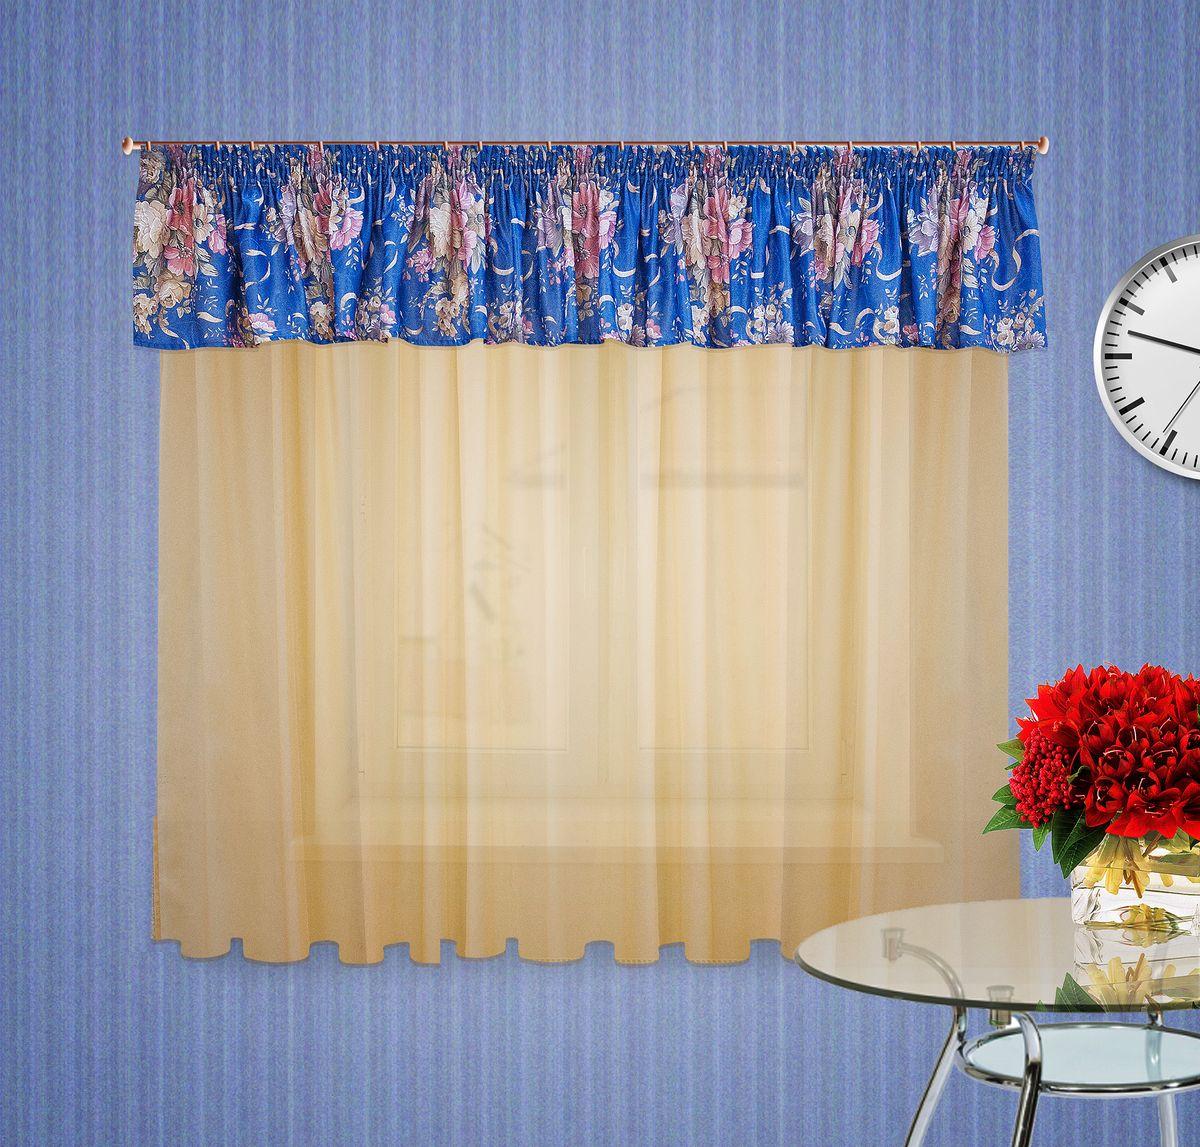 Тюлевое полотно Zlata Korunka. 5555555555Комплект штор на шторной ленте , Ламбрекен : 400*50см 1шт, ткань печатный сатен с орнаментом крупного цветка, Тюлевое полотно из вуали цвет: светлый беж размером: 300*180